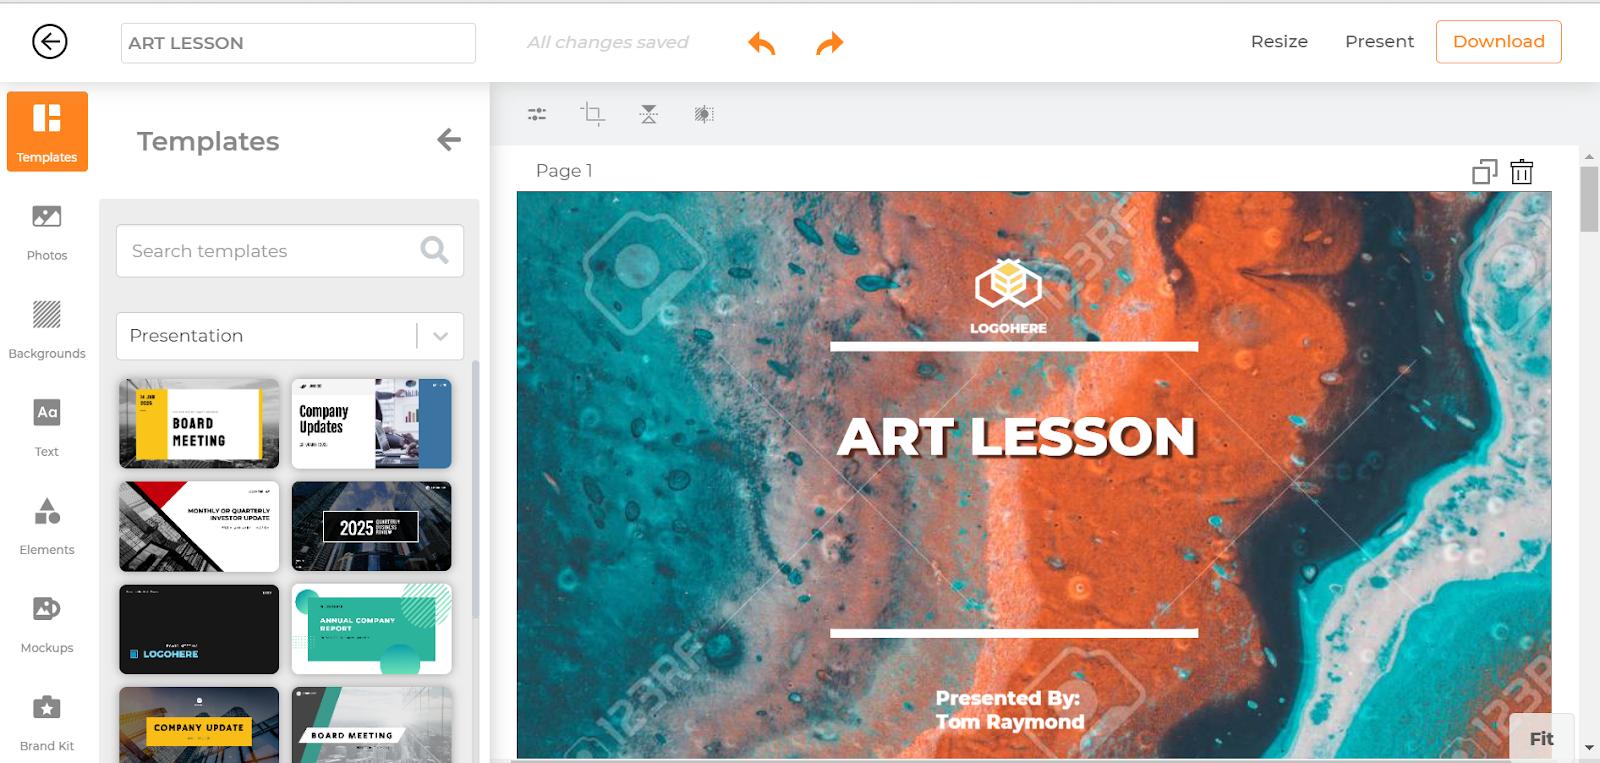 Crea le tue presentazioni con Designmaker di Designs.ai.